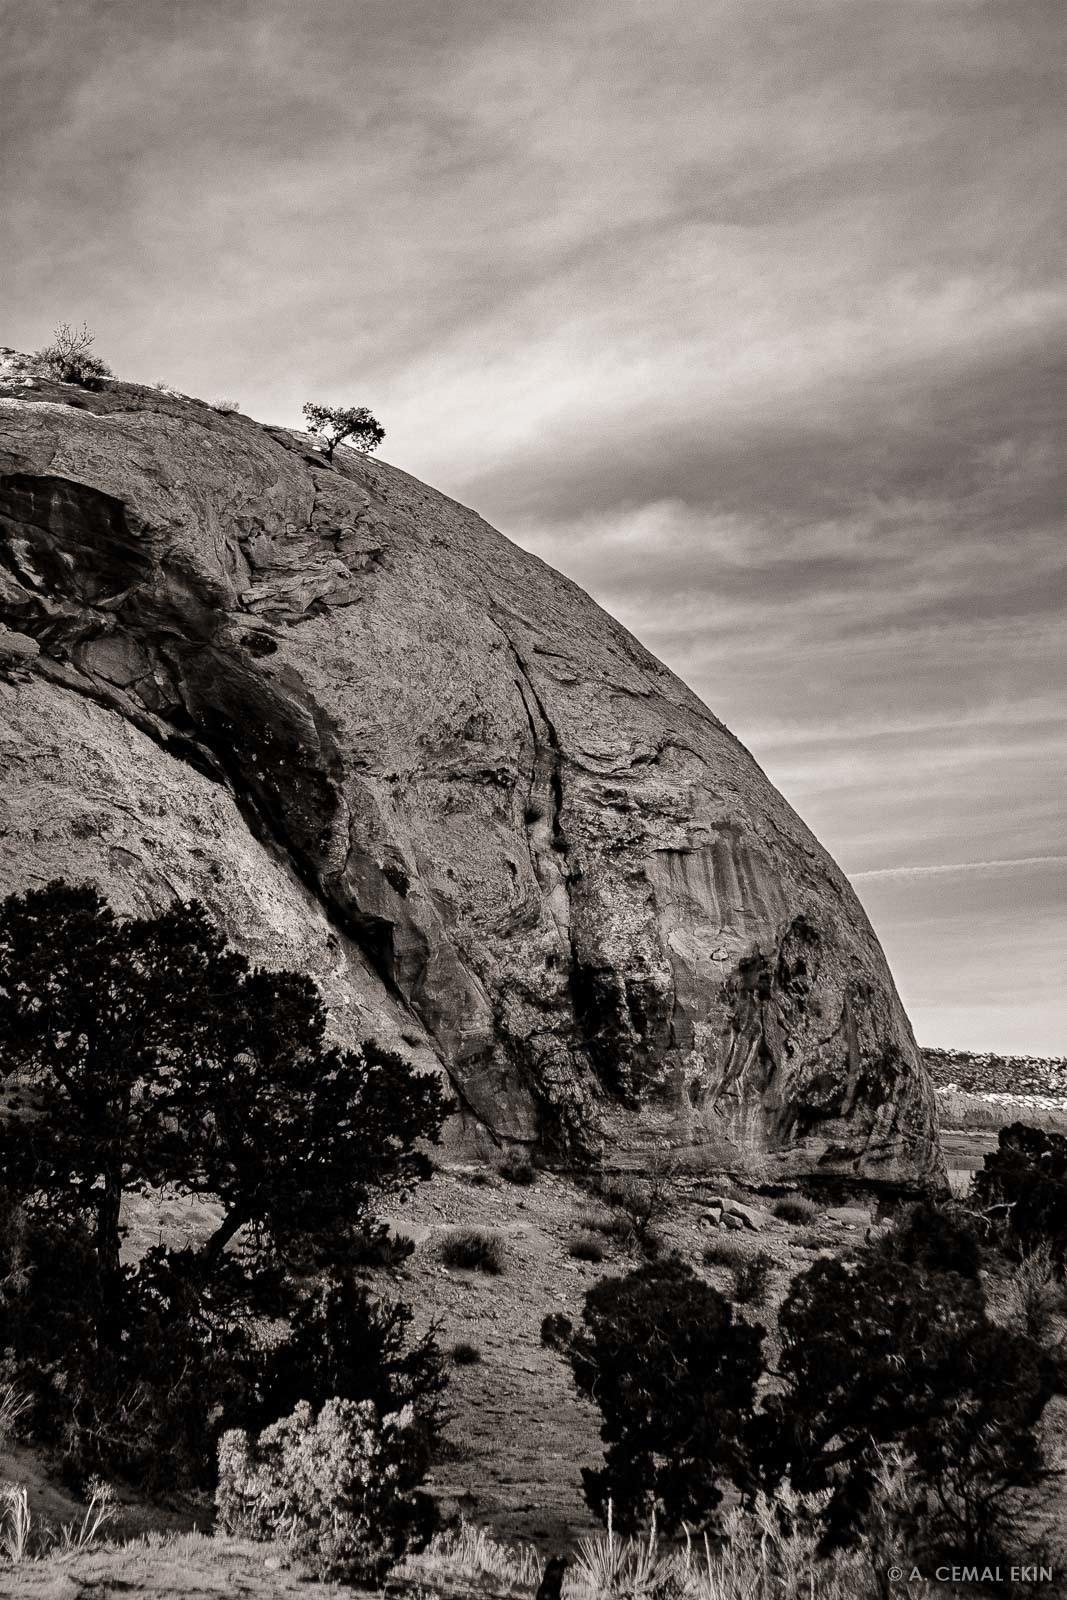 8 - Visions of Utah